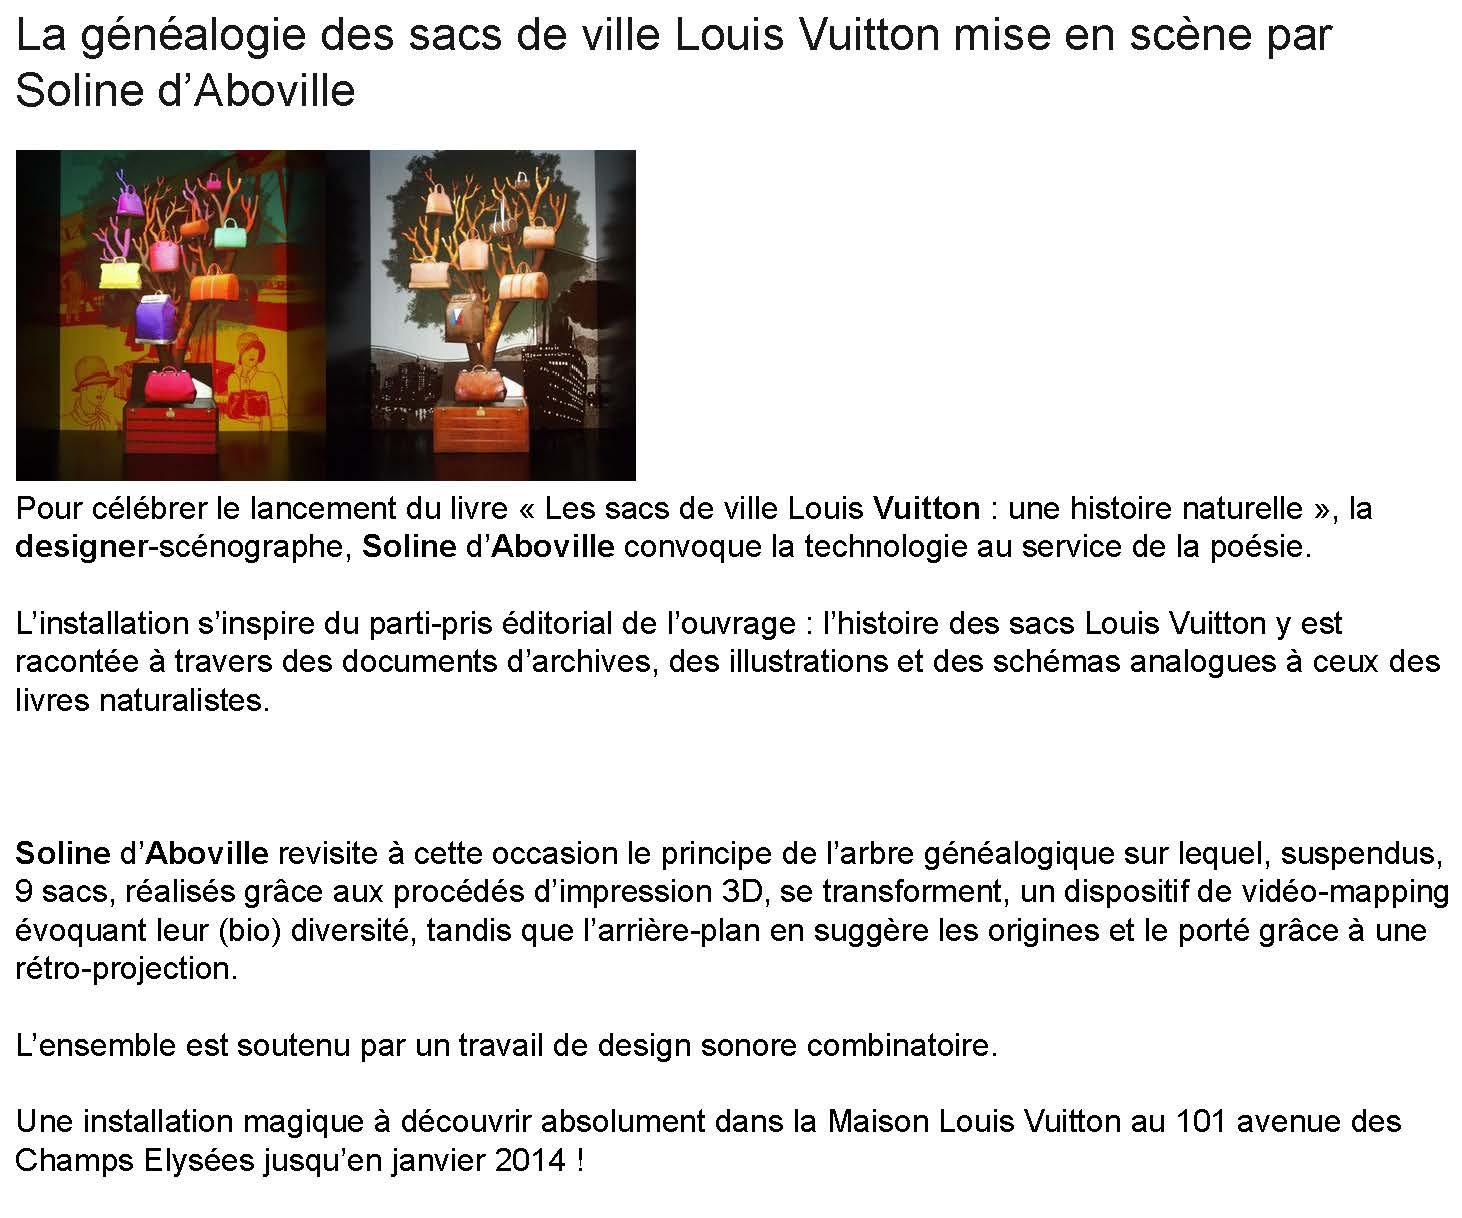 Info Luxe, Dec 2013